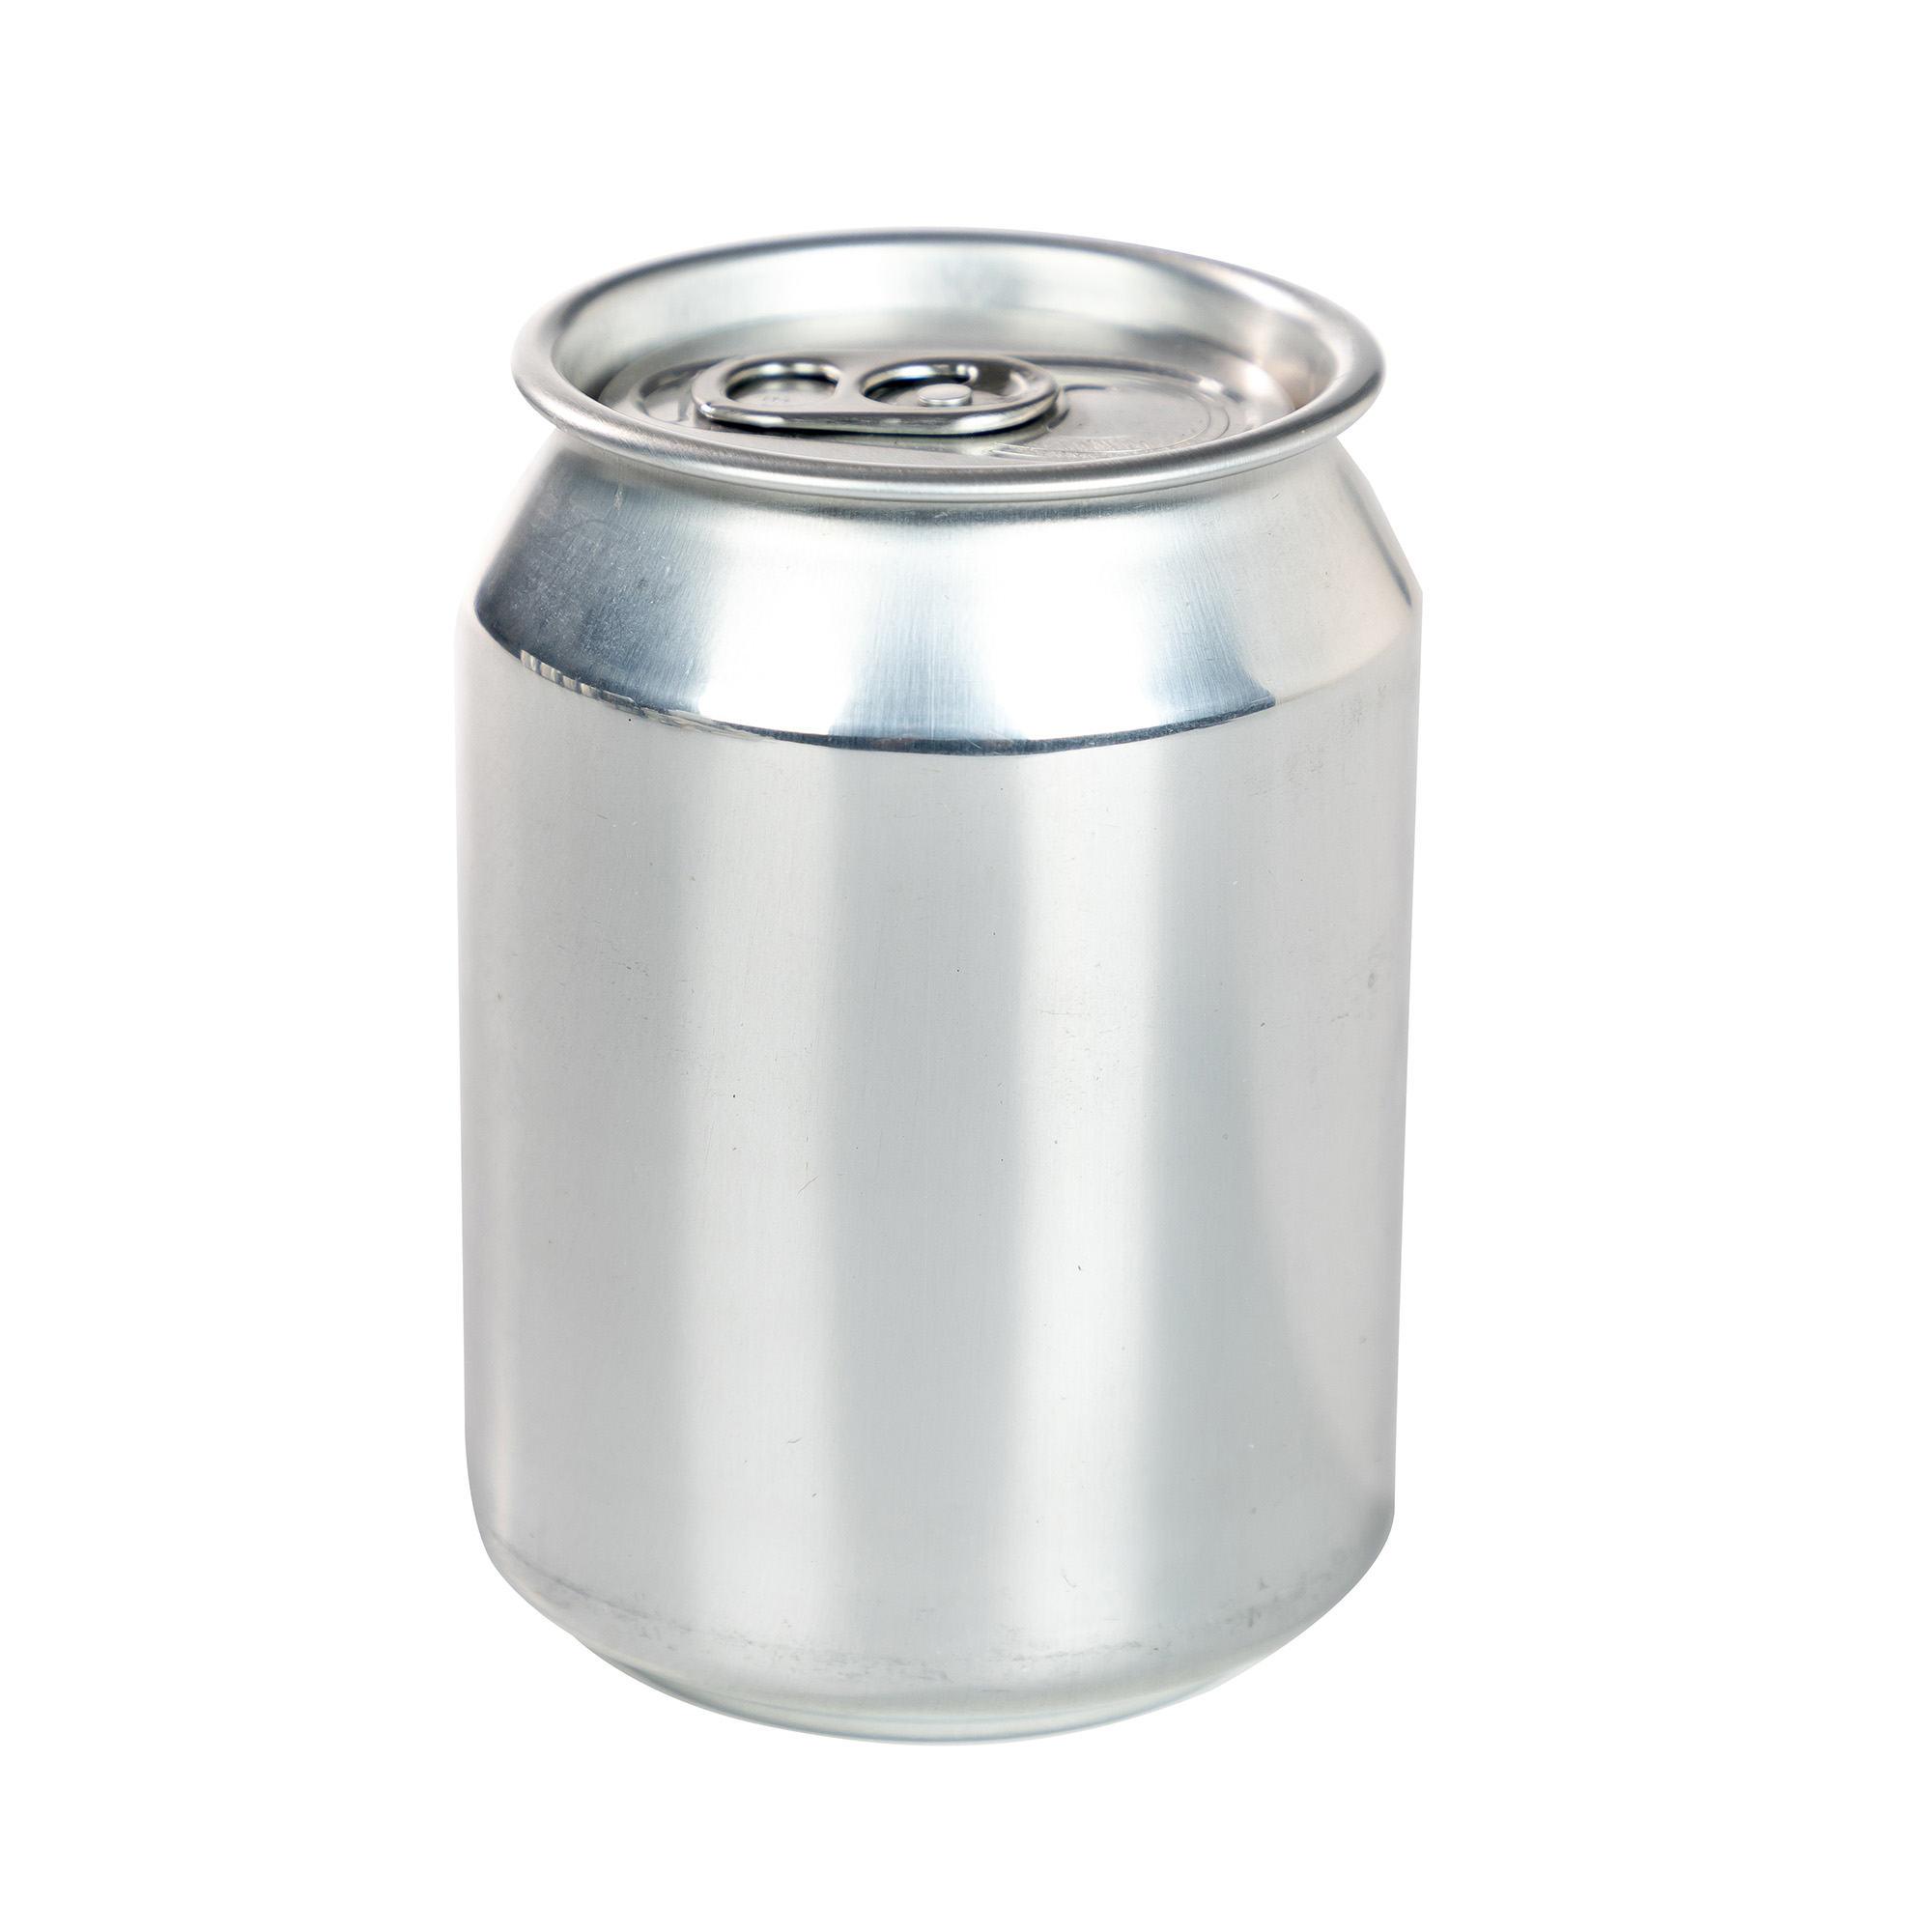 张家界空罐-销量好的空罐-HMD提供